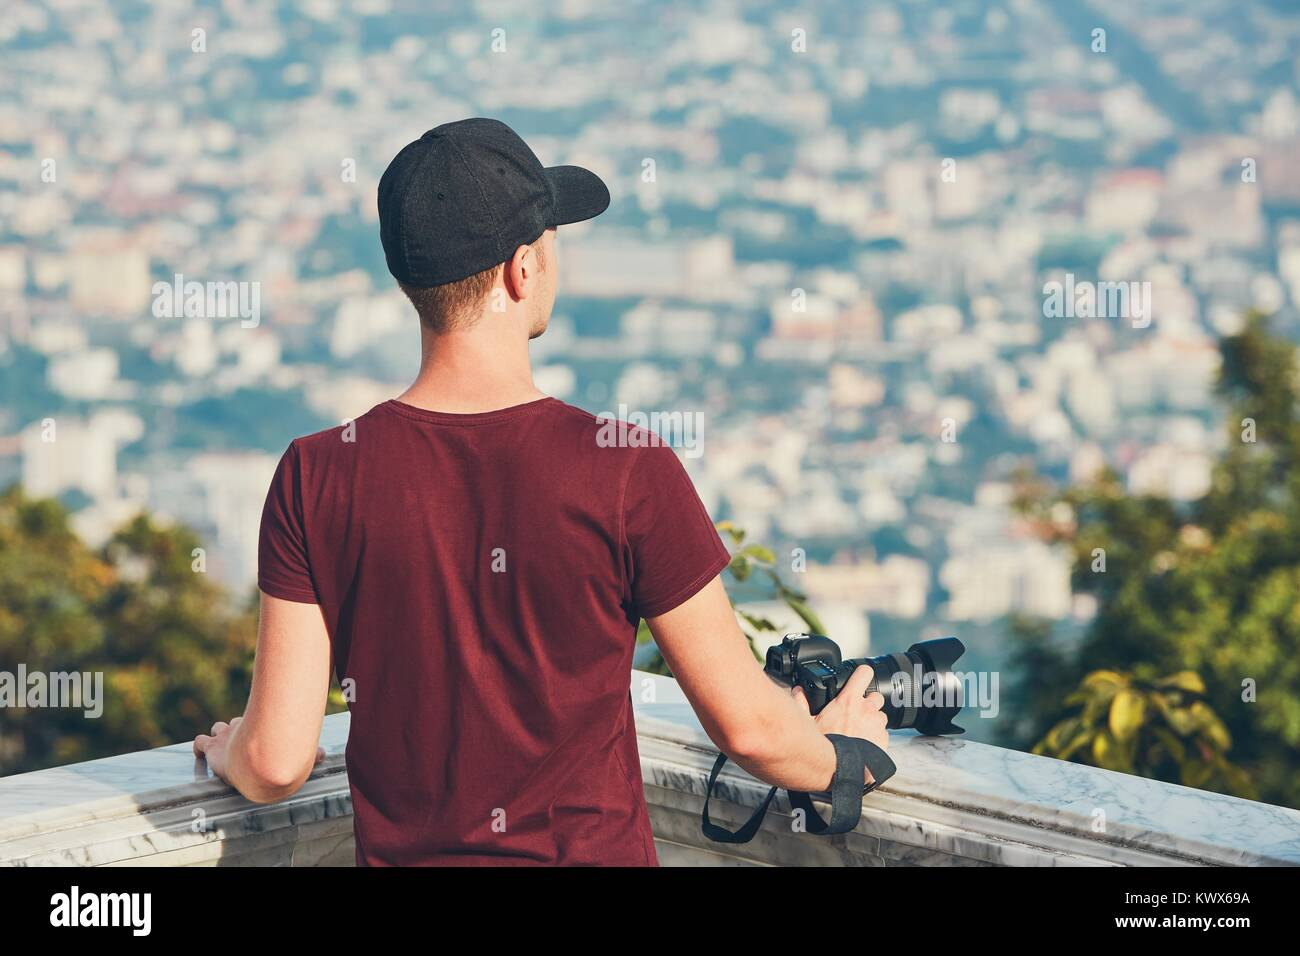 Le jeune photographe (meilleur) avec photo caméra à la recherche d'inspiration. Chiang Mai, Thaïlande Photo Stock